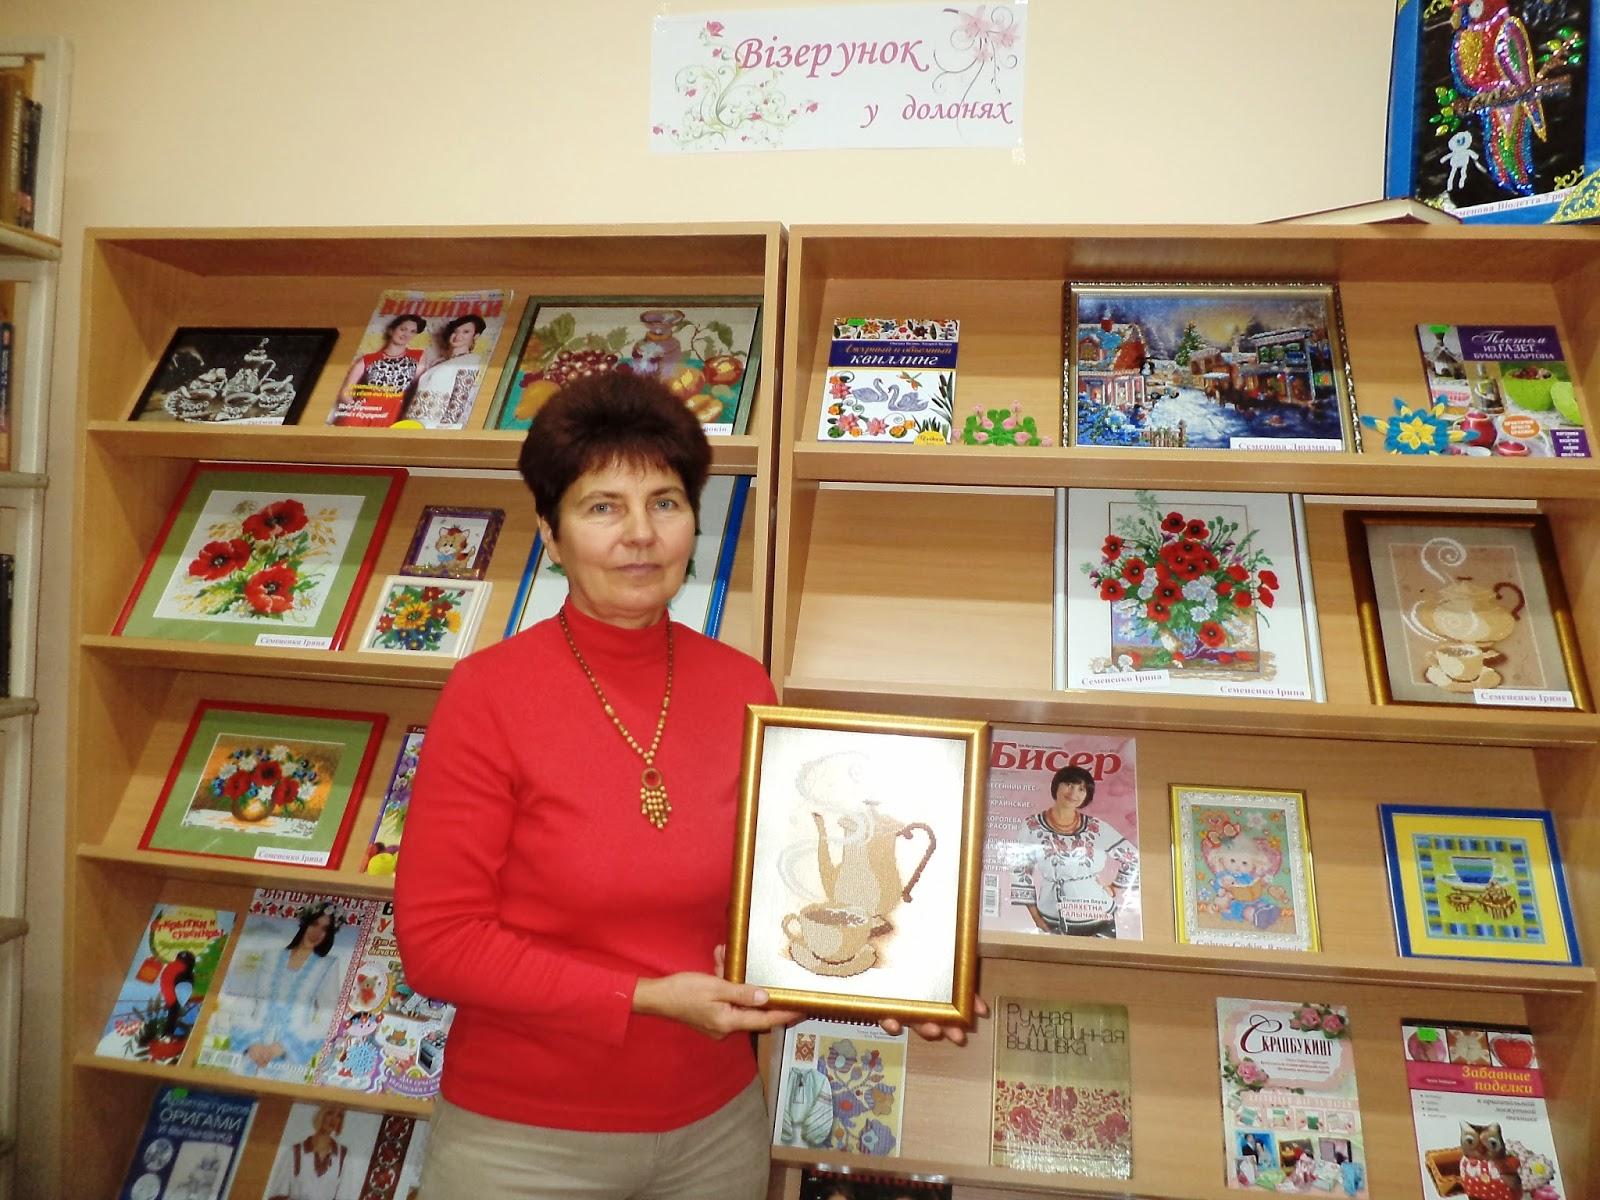 В бібліотеці пройшов майстер - клас з вишивки бісером. Майстриня Ірина  Семененко розповіла про особливості роботи з бісером 5875b1c0180f2